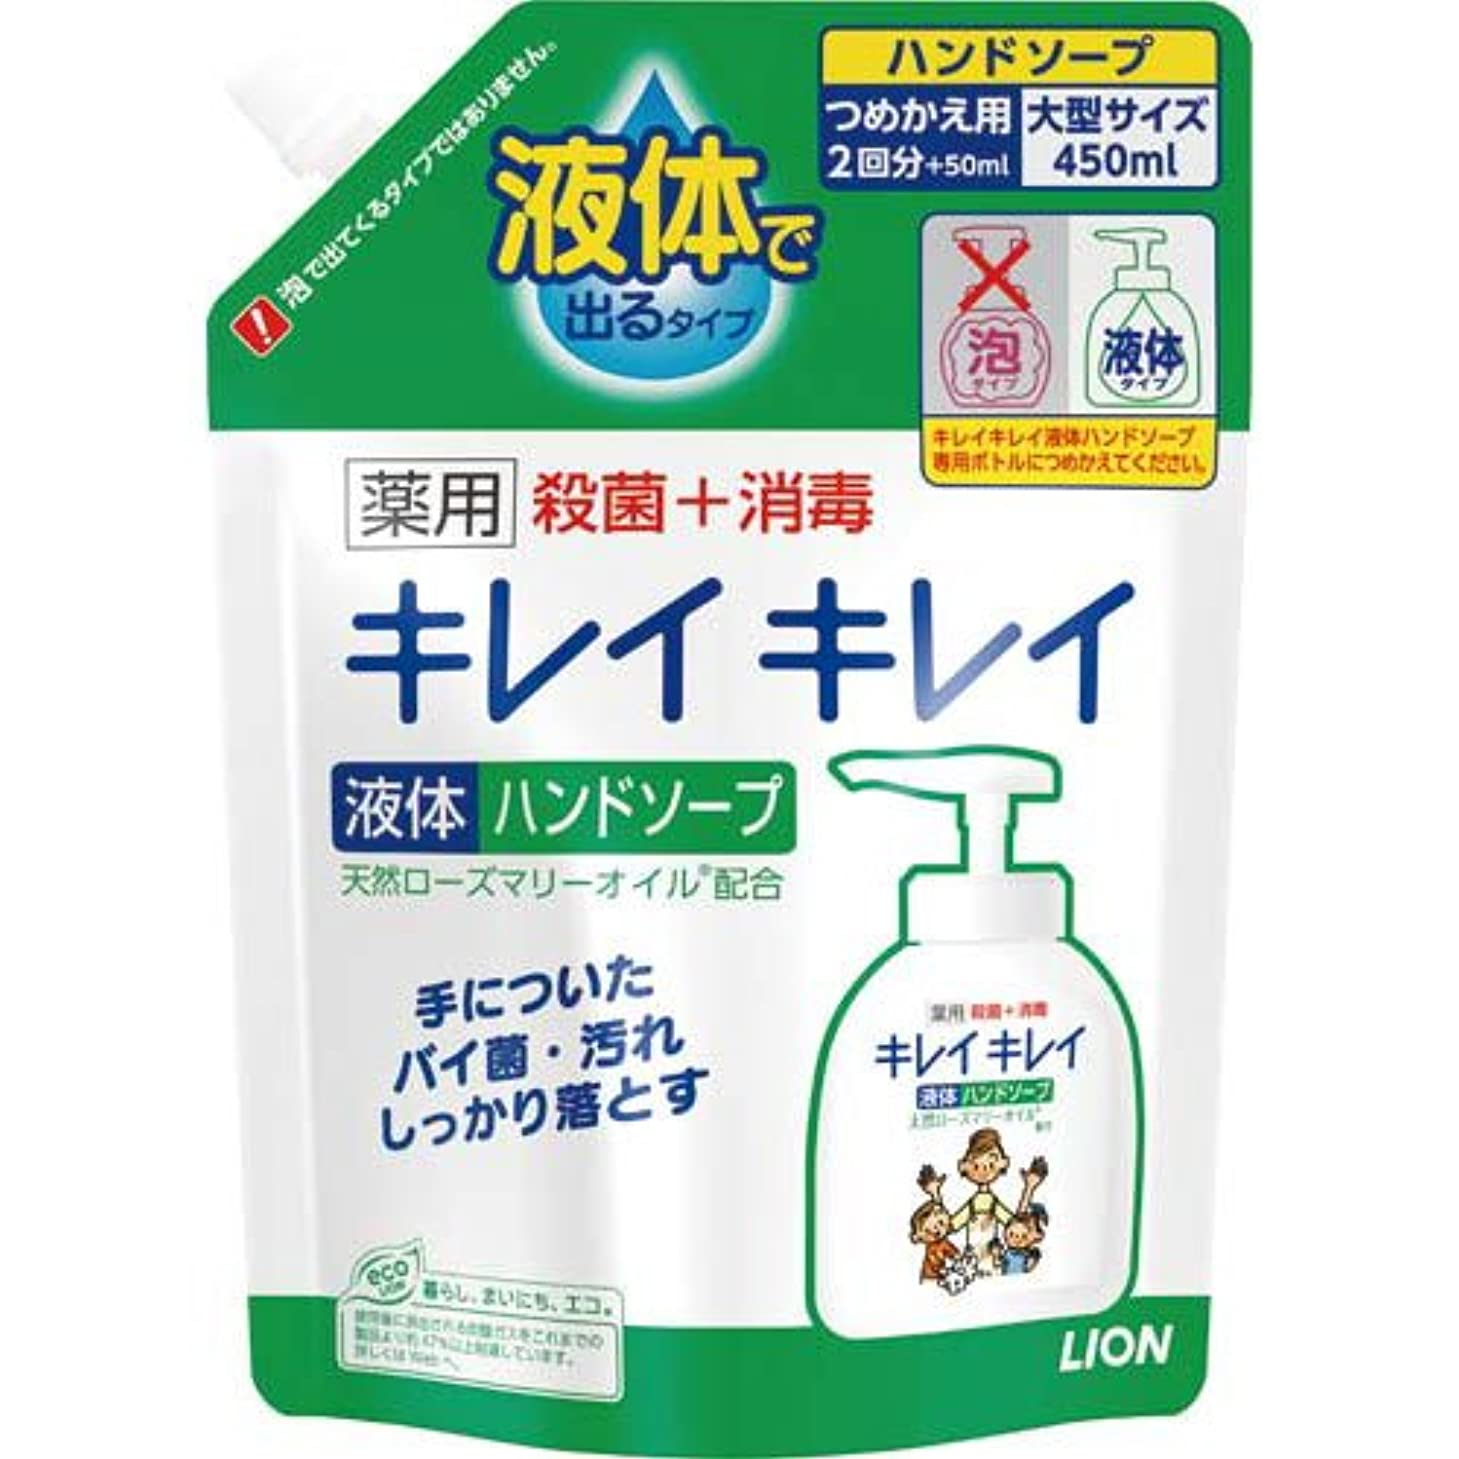 残高ドライバ美的ライオン キレイキレイ薬用ハンドソープ 詰替用450ml×4